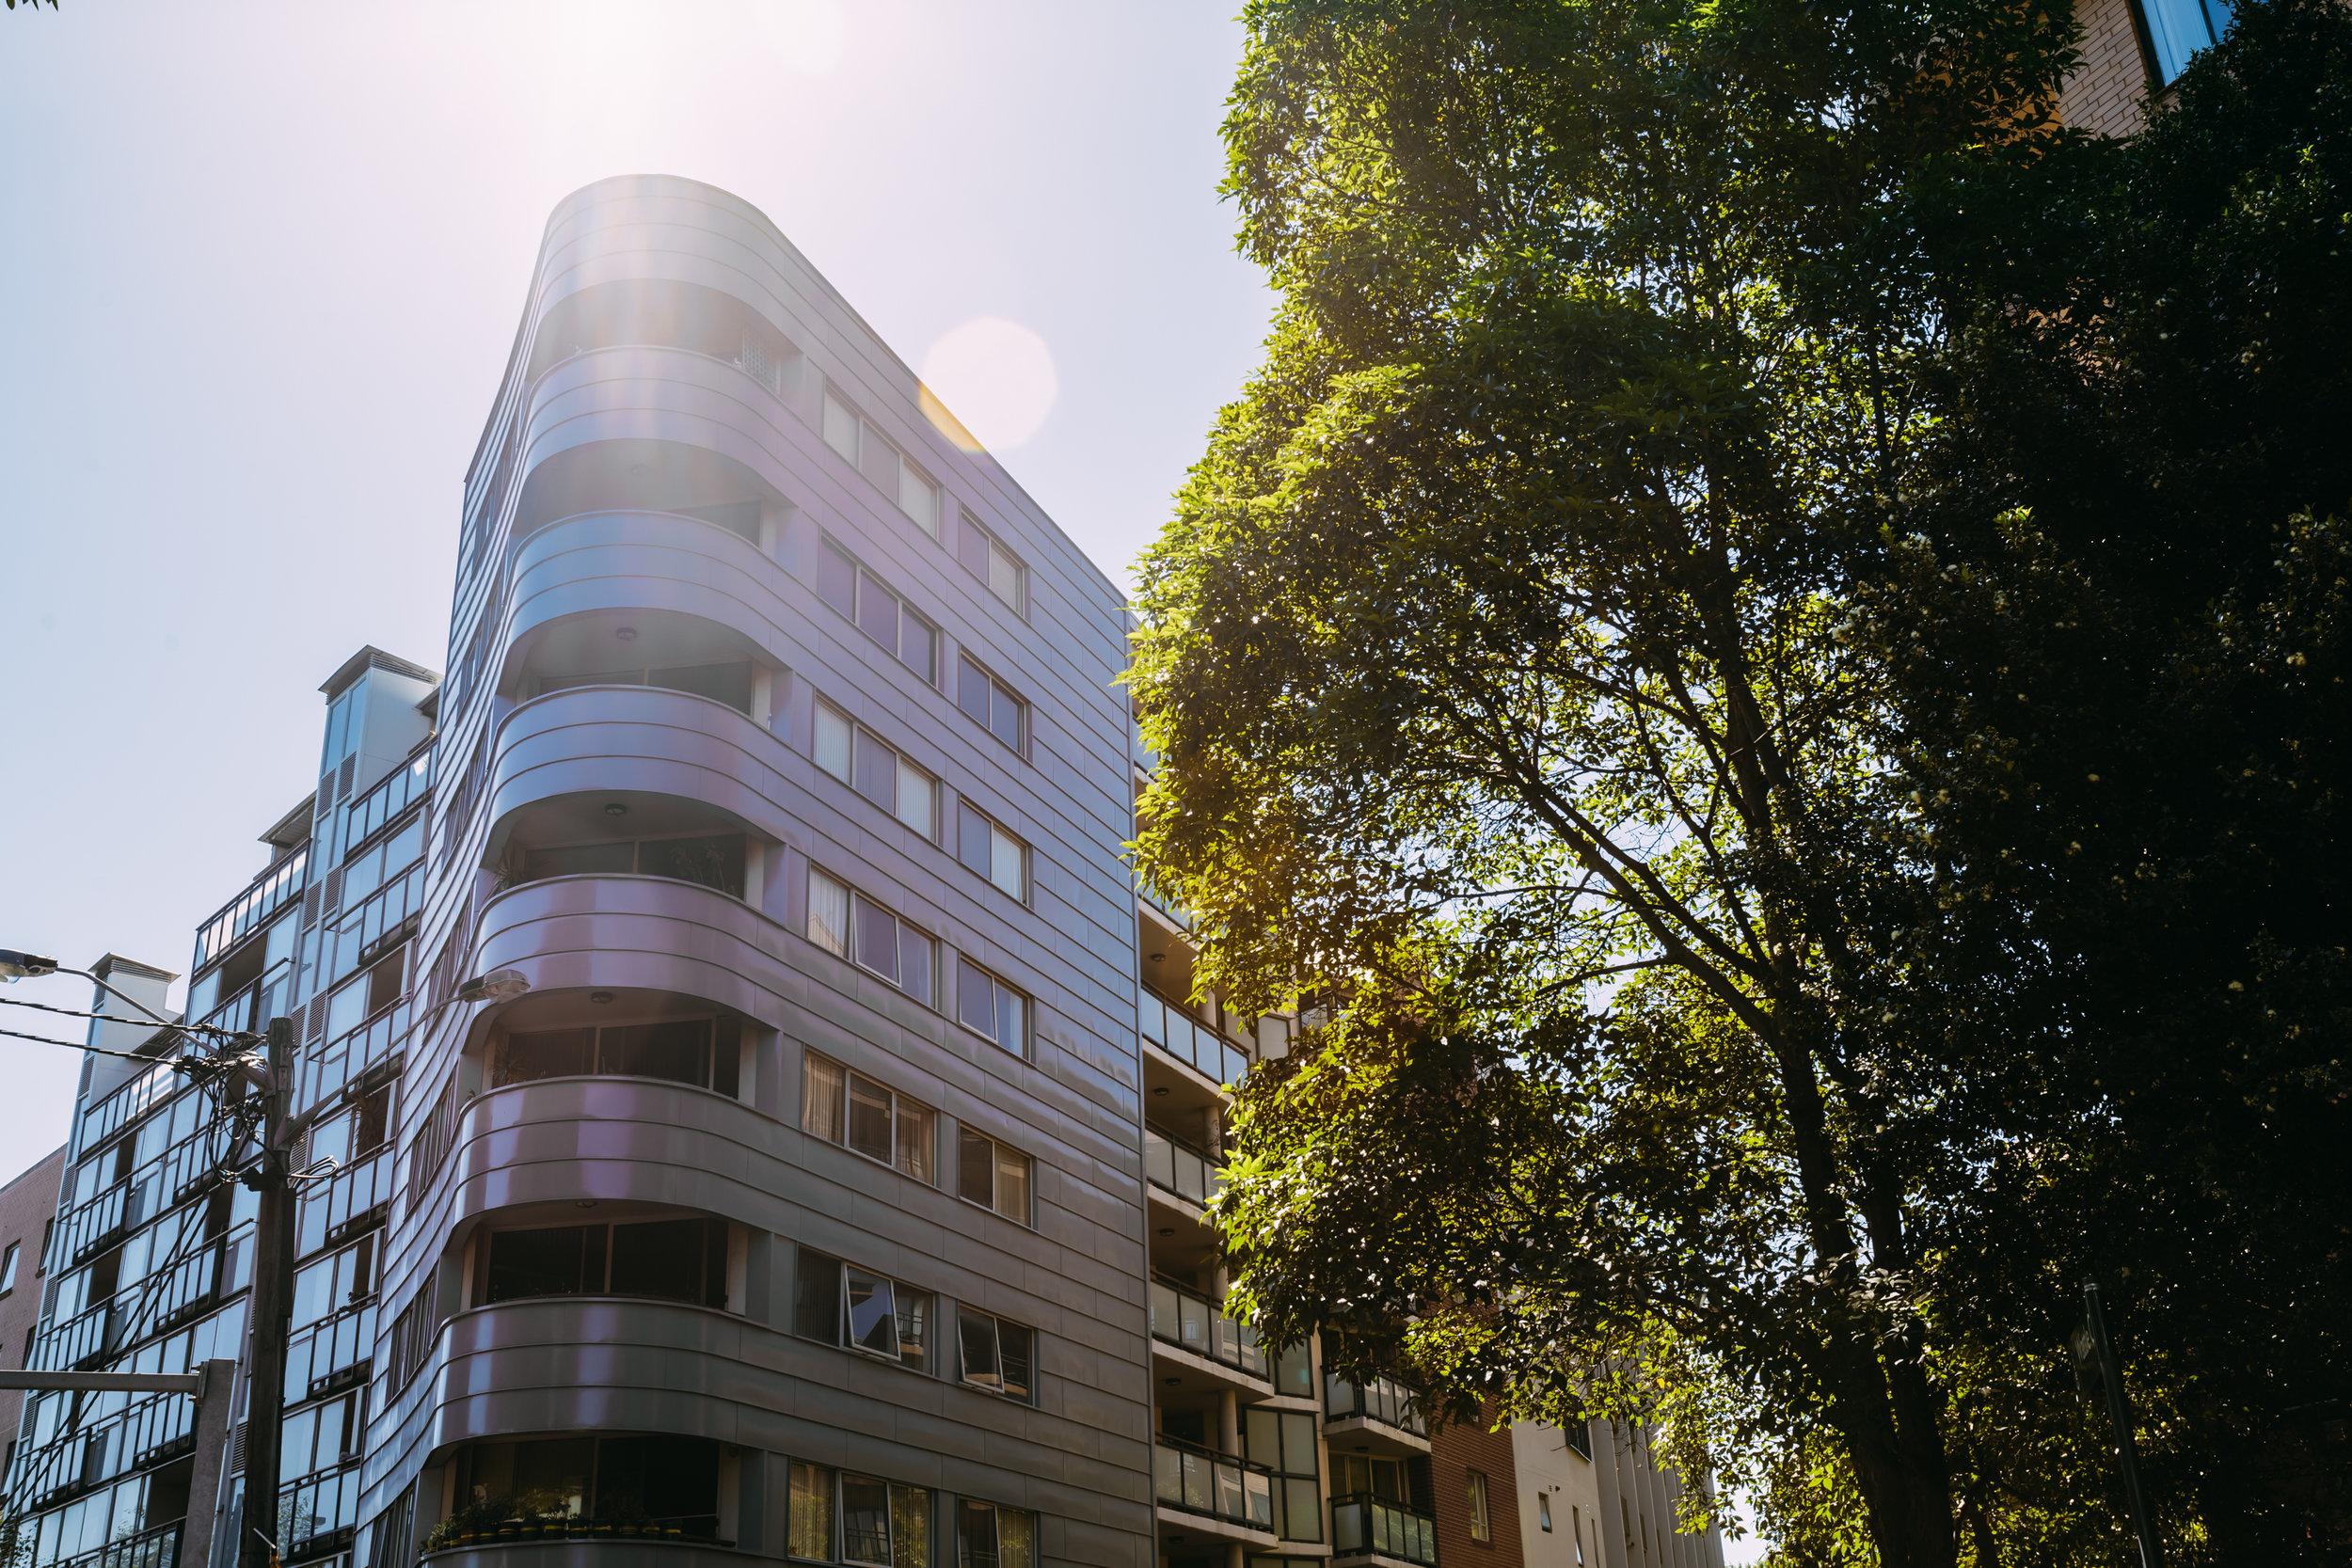 cwh_buildings_00304-HDR.jpg